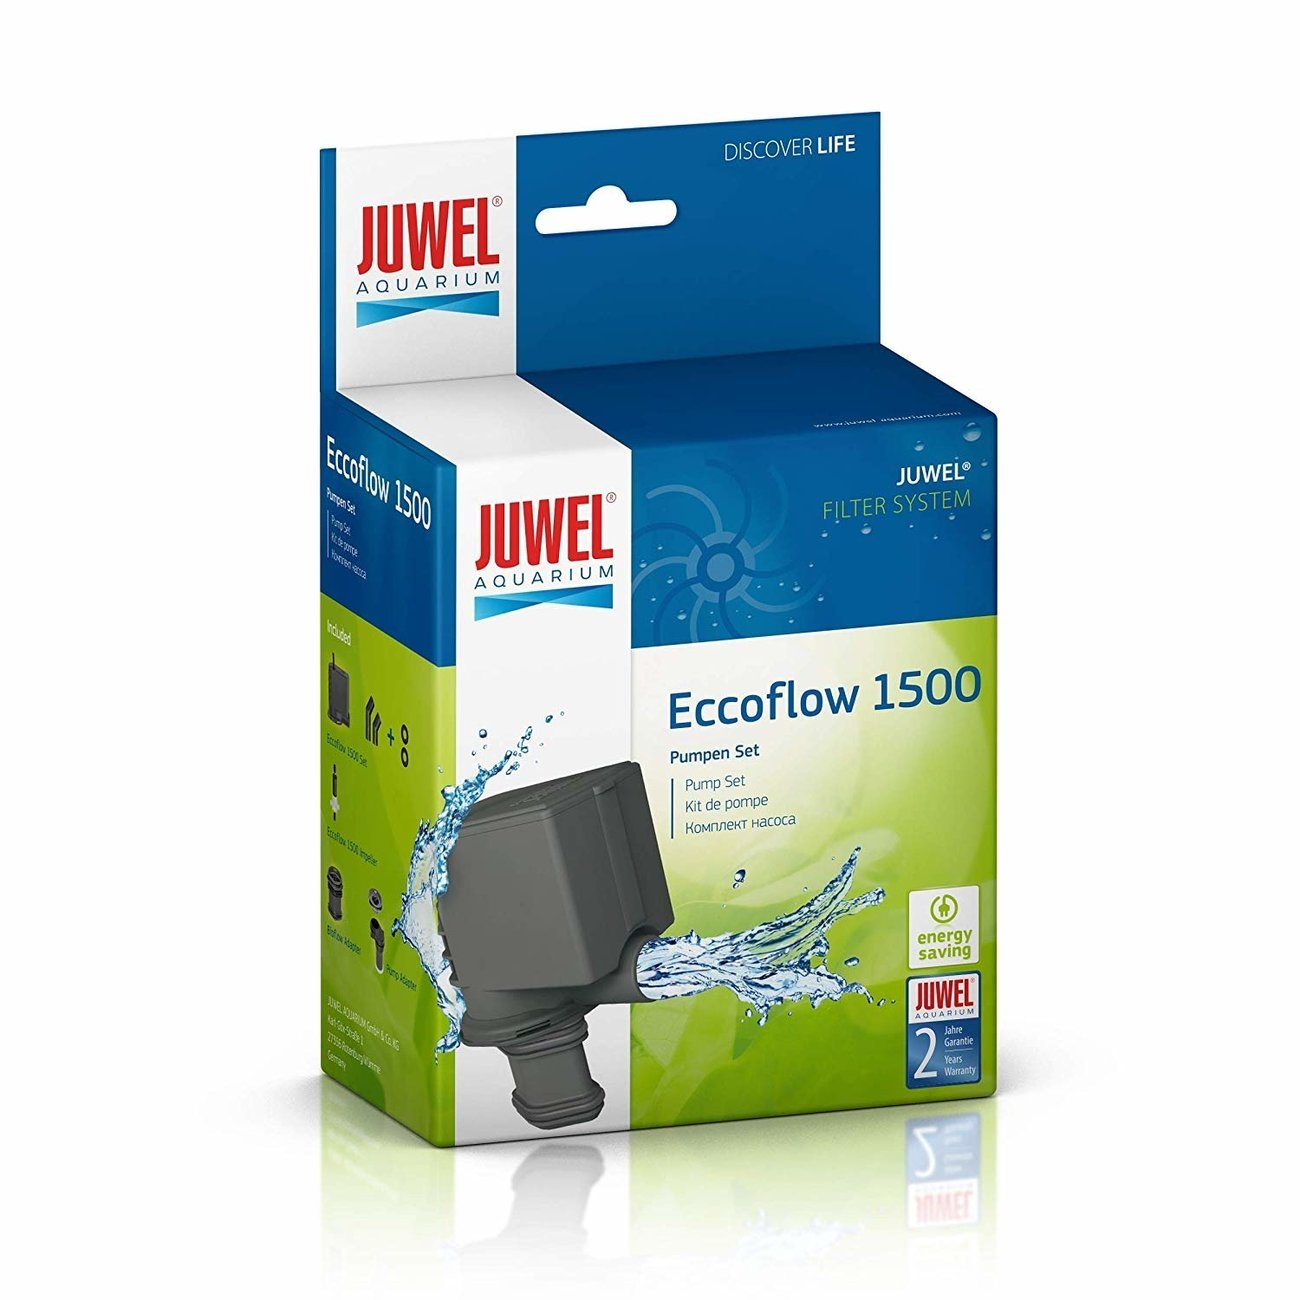 Juwel Eccoflow Pumpe, Bild 10